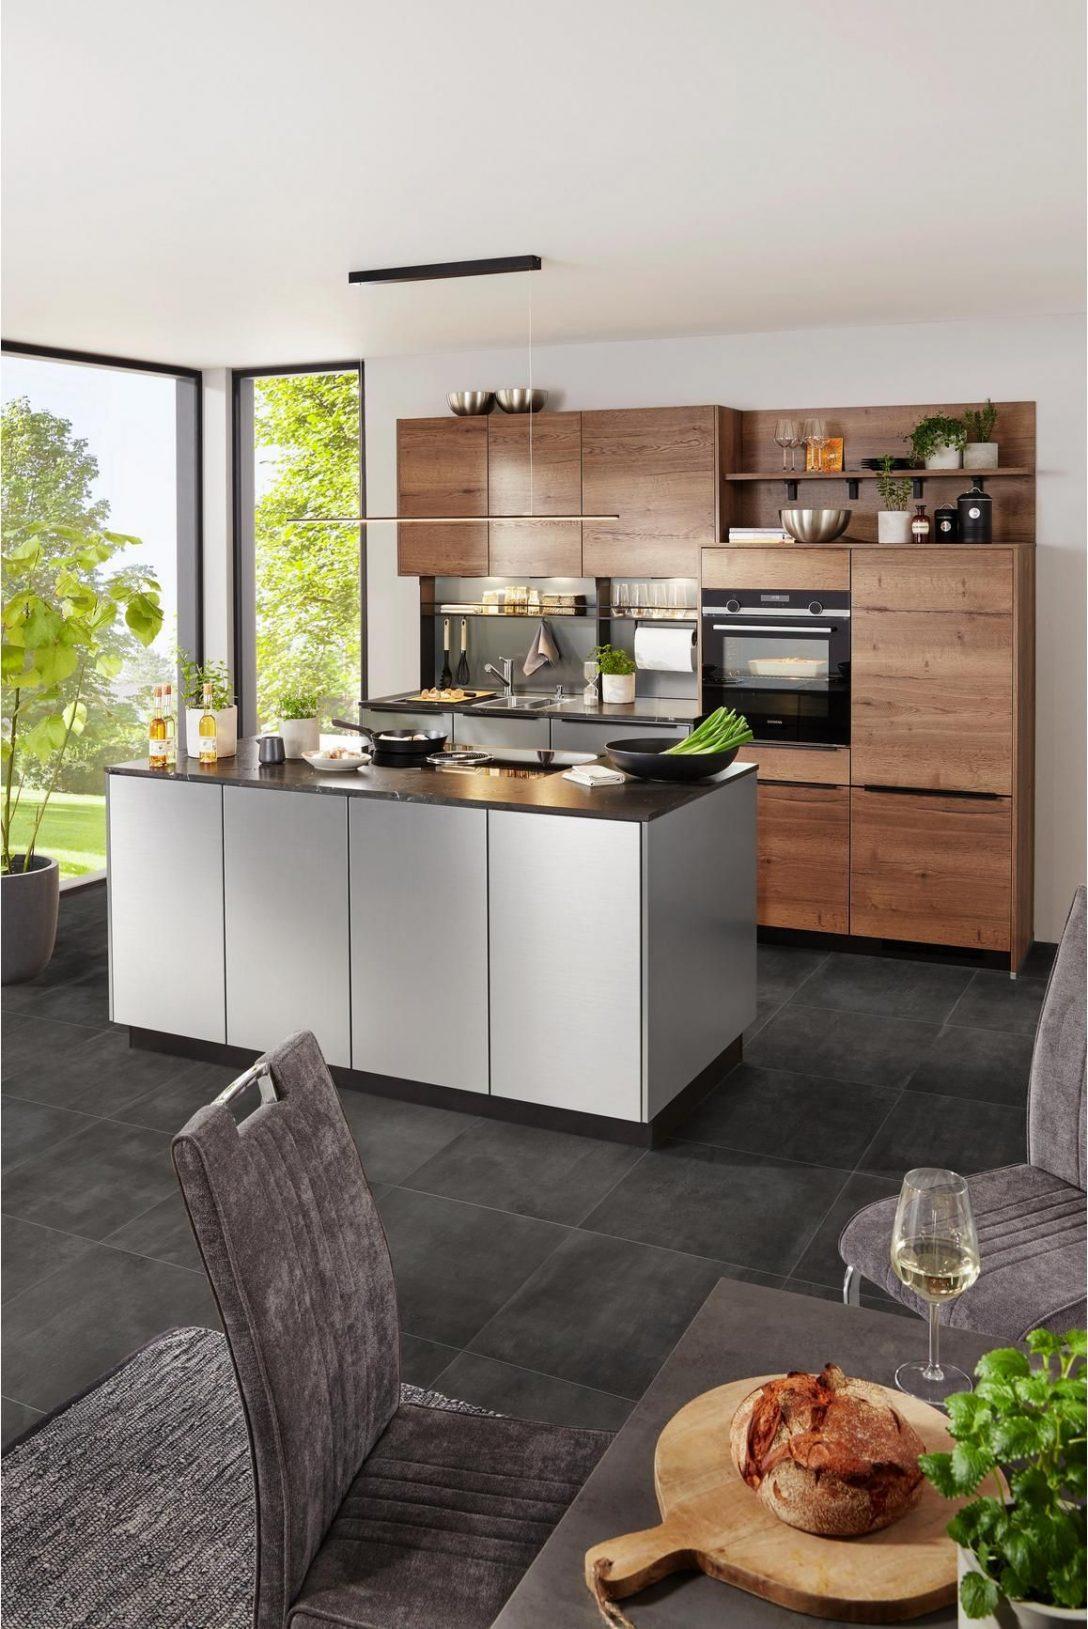 Large Size of Einbauküche Kaufen Ebay Kleinanzeigen Gebraucht Einbauküche Kaufen Einbauküche Kaufen Deutschland Einbauküche Kaufen Roller Küche Einbauküche Kaufen